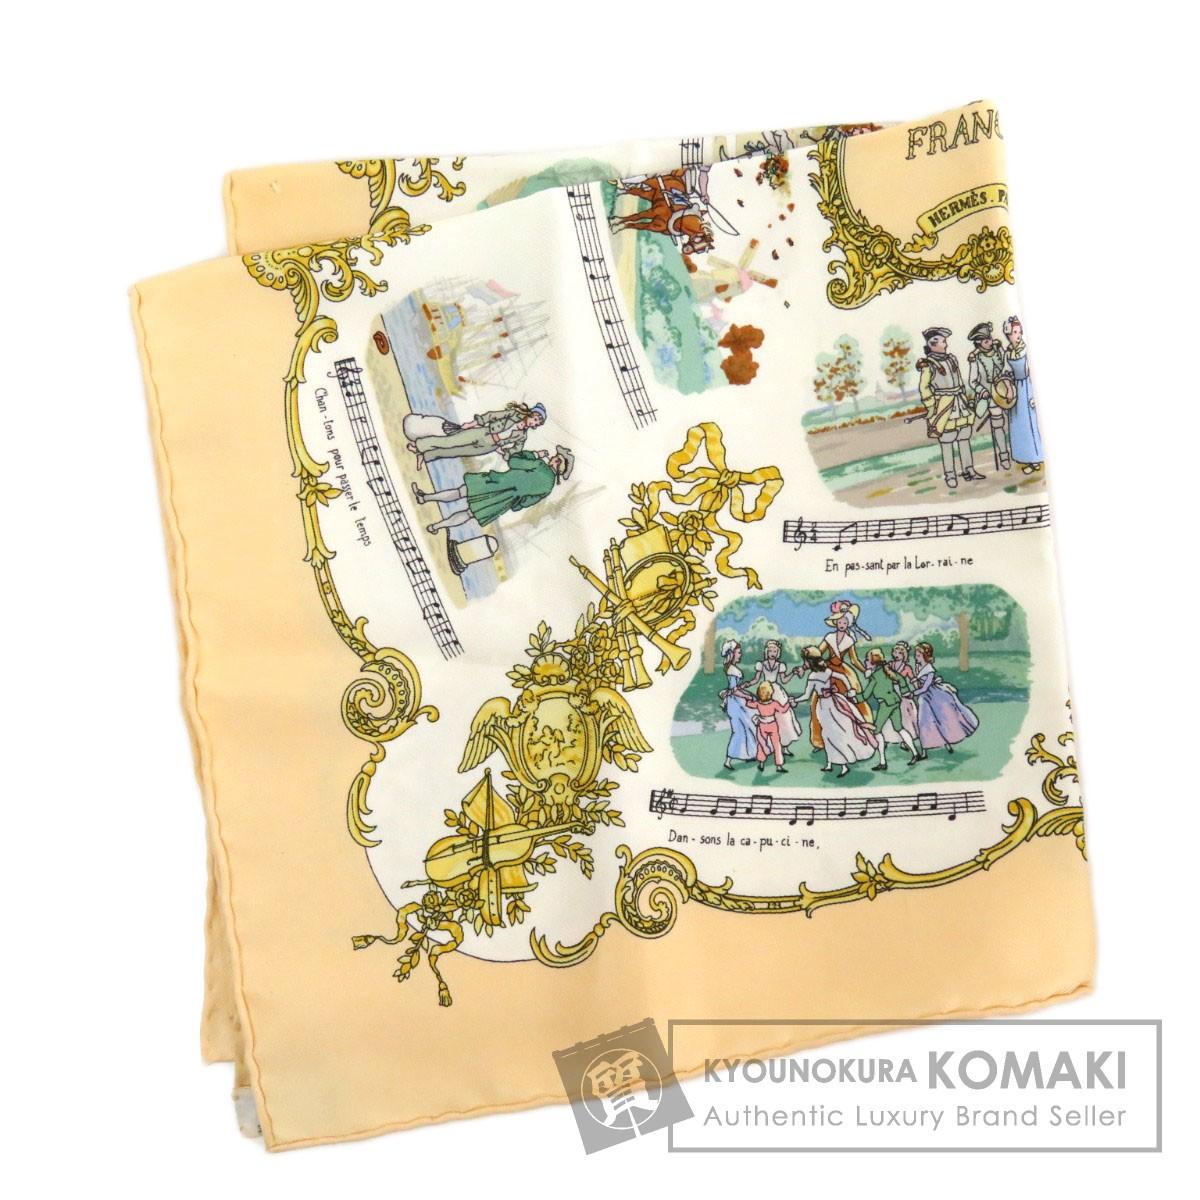 エルメス カレ45 プチカレ CHANSONS DE FRANCE スカーフ シルク レディース 【中古】【HERMES】